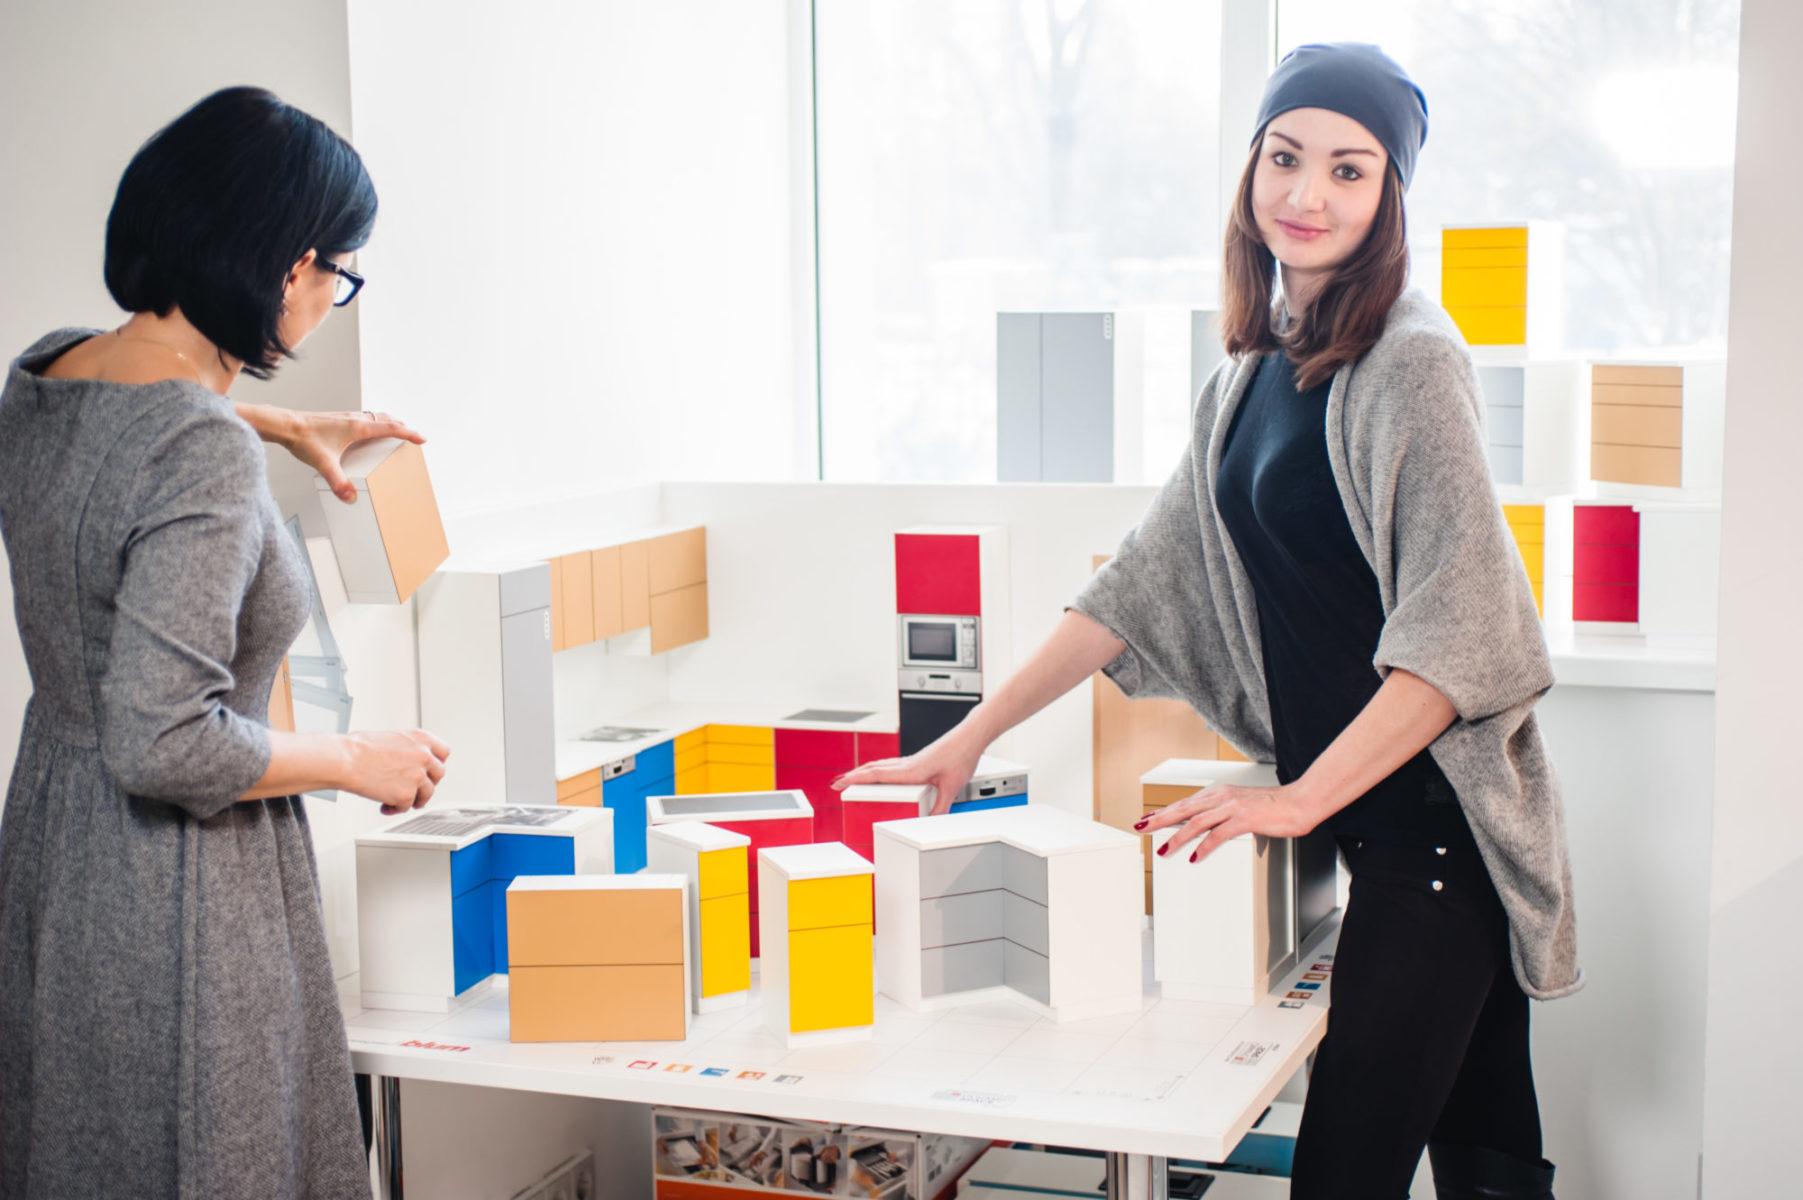 На тест-драйві від Блюм склади омріяну кухню, наче конструктор. Продумай розмір, форму та зонування майбутніх меблів